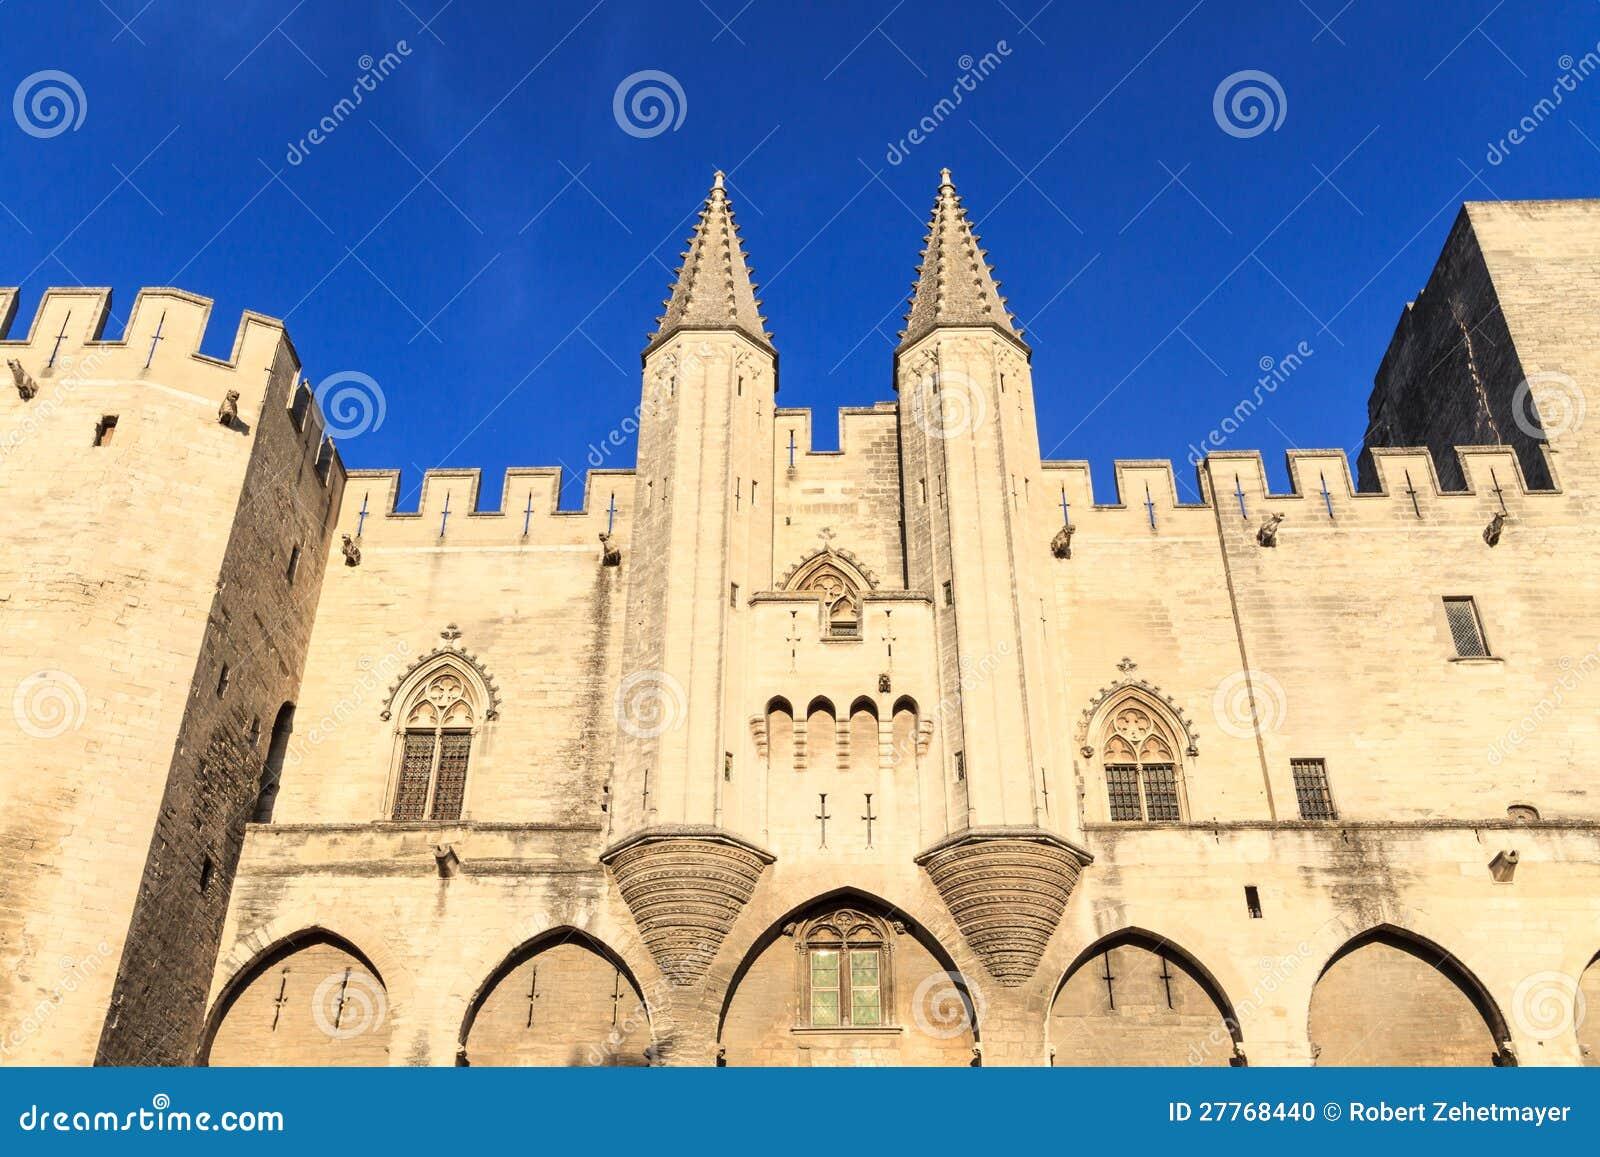 Avignon en Provence - visualisez sur papes Palace